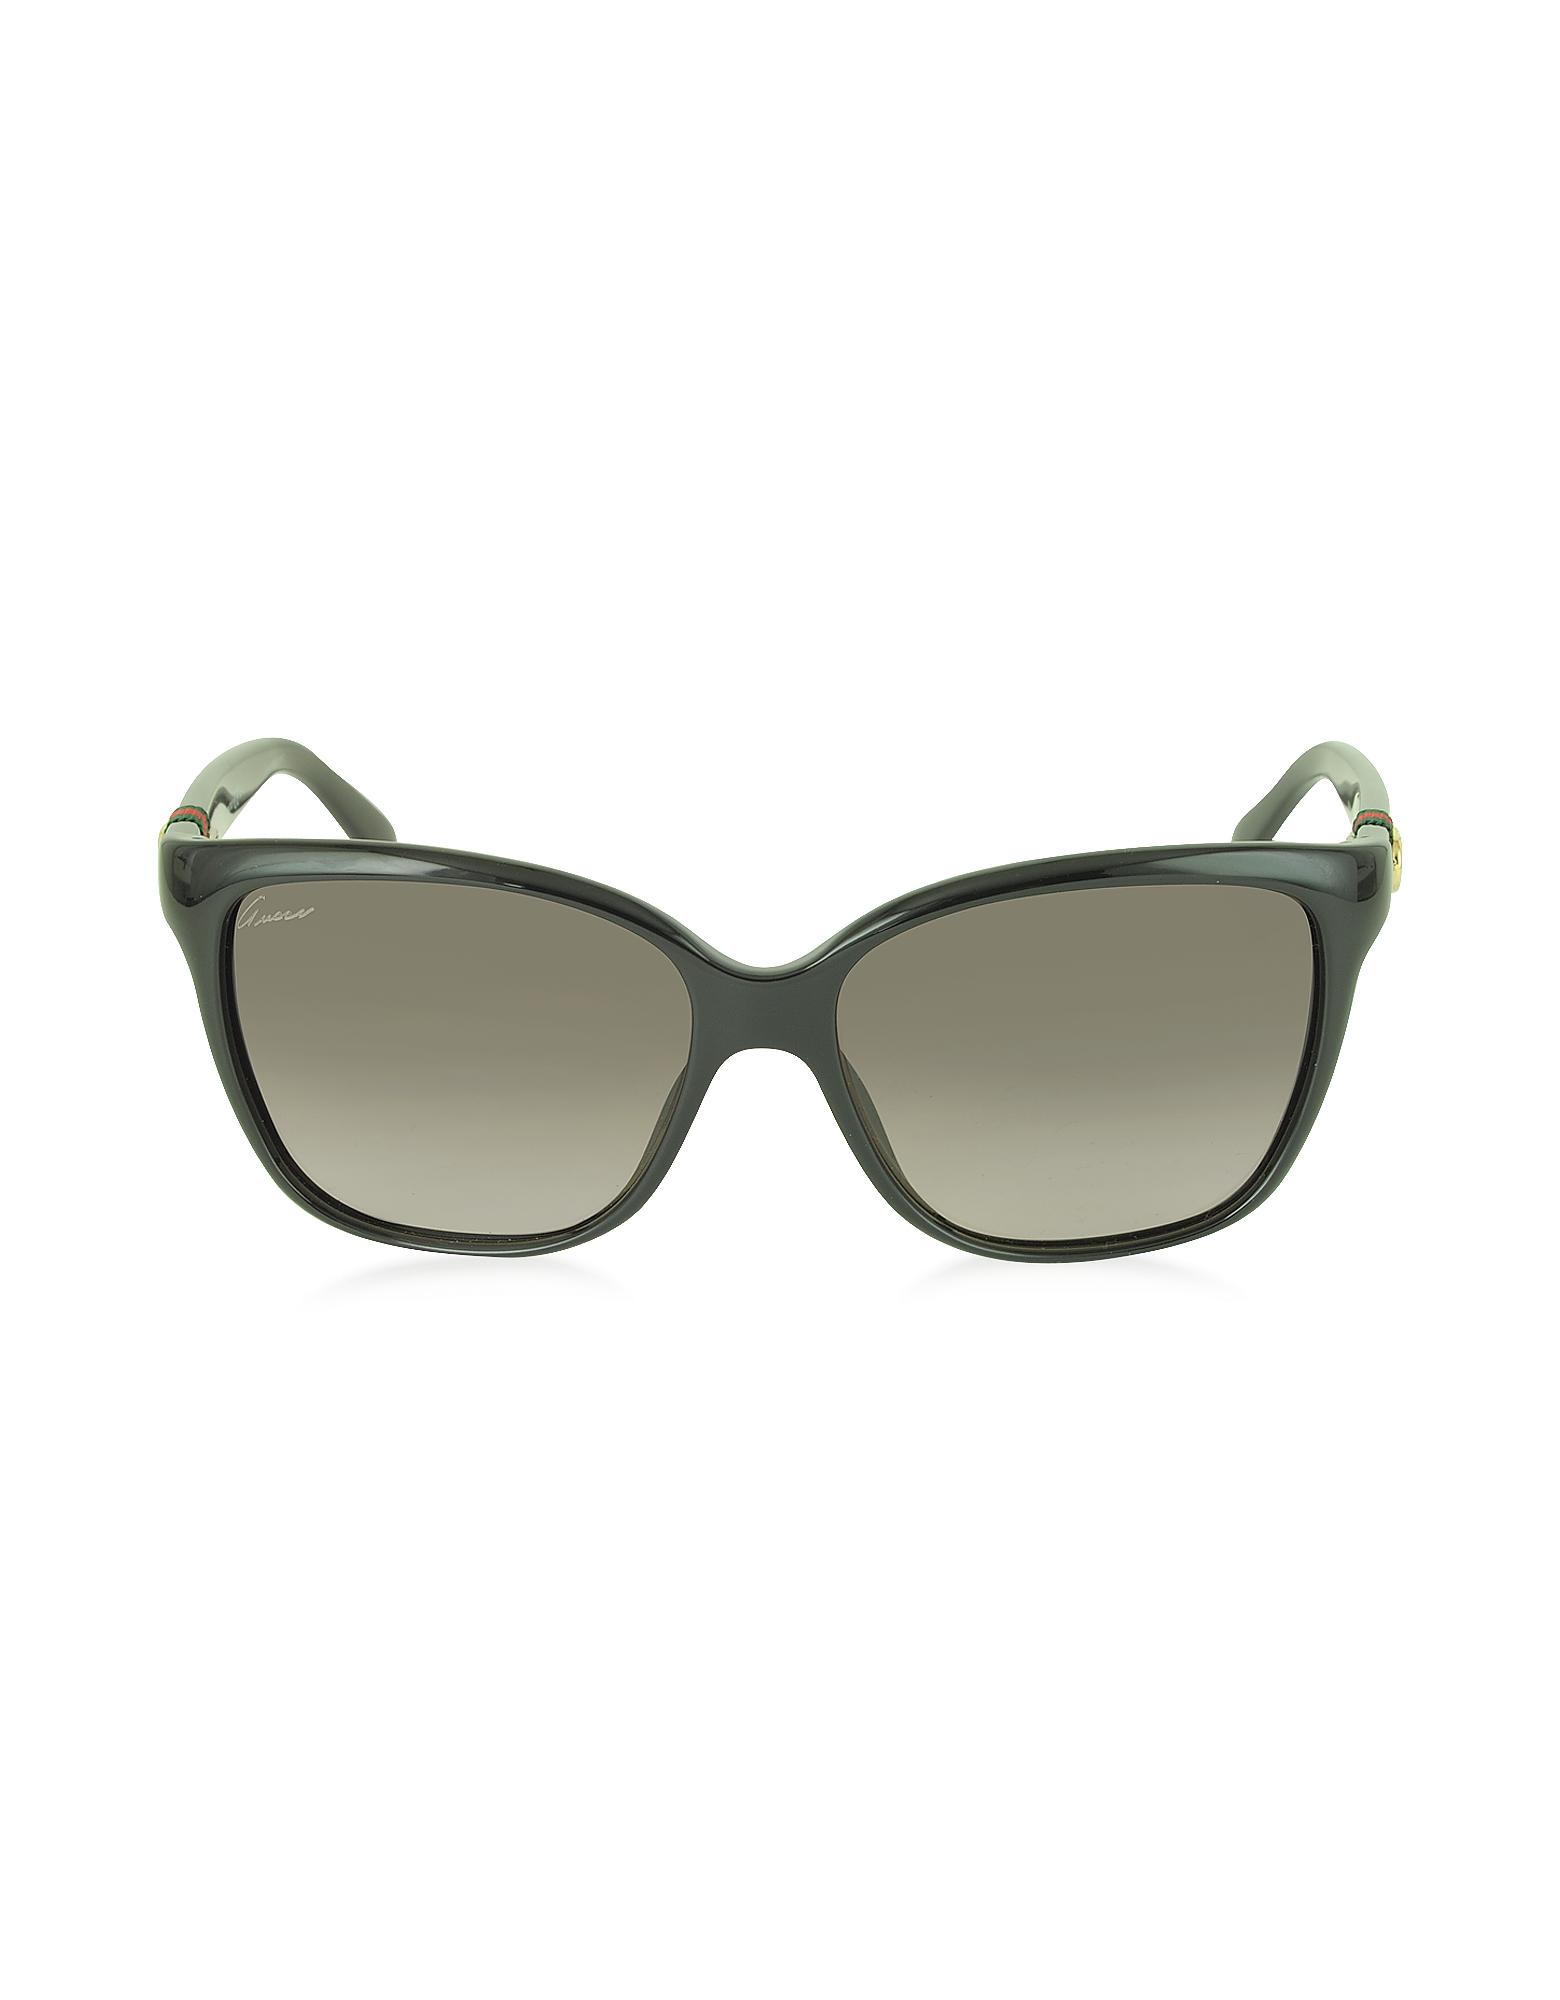 GG 3645/S - Блестящие Женские Солнечные Очки Кошачий Глаз